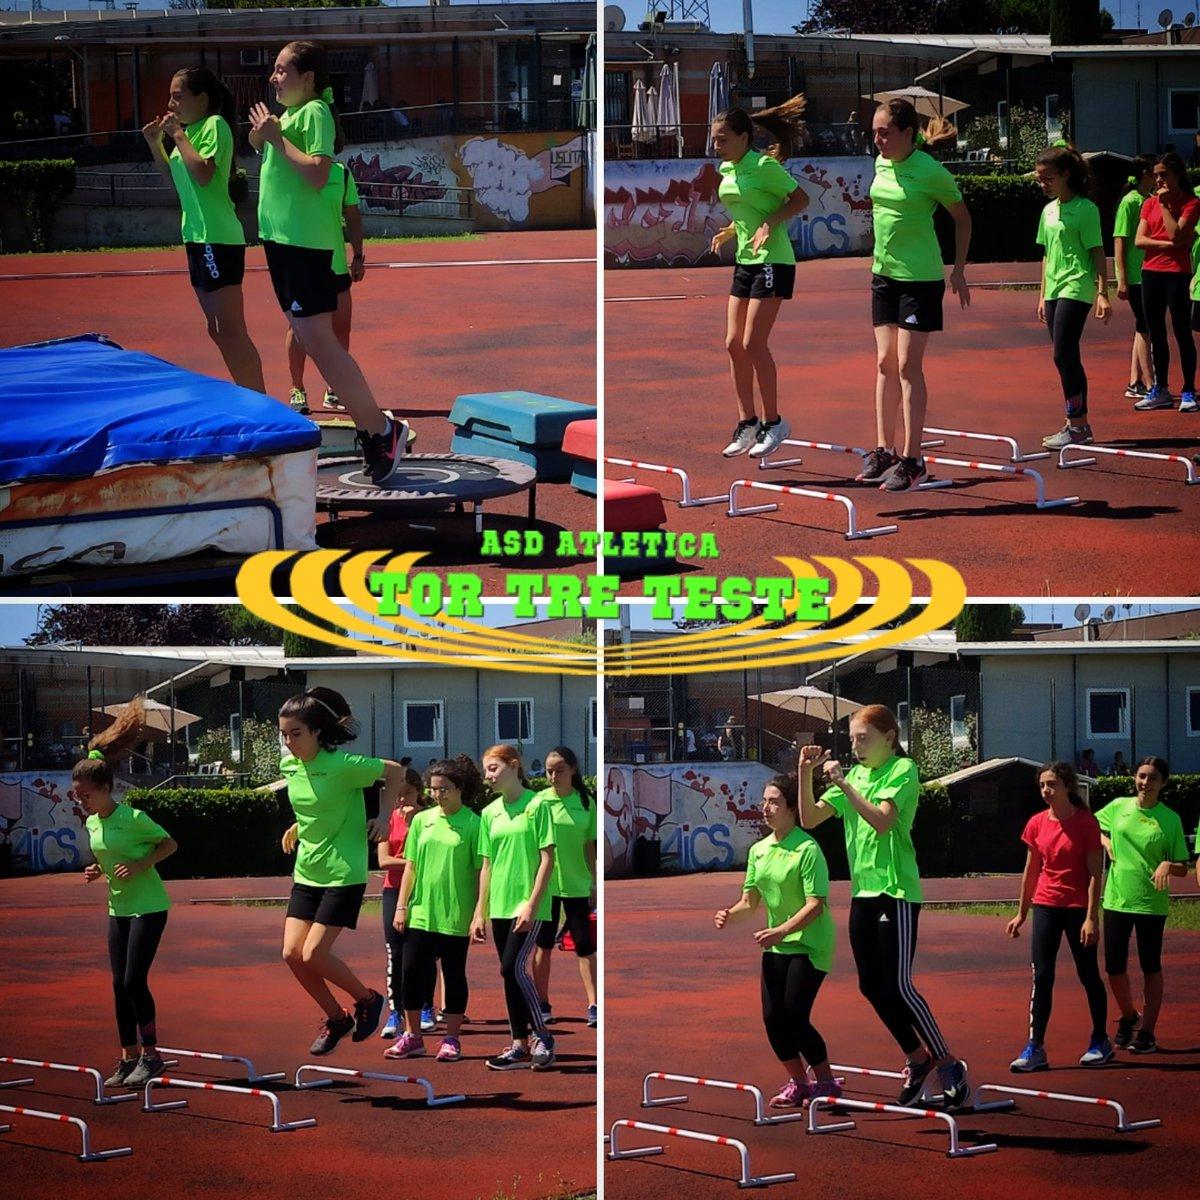 Altri #momenti dell'#allenamento di oggi nonostante il #grancaldo😎☀️. La tensione è evidente.  #lazio #roma #fidalroma #fidallazio #impegno #atletica #velocità #atleticatortreteste #verdefluo #fast #run #correre #running #fit #fitness #motivation #tokio2020 #moltocaldo #coraggio https://t.co/BH6gORhLPZ